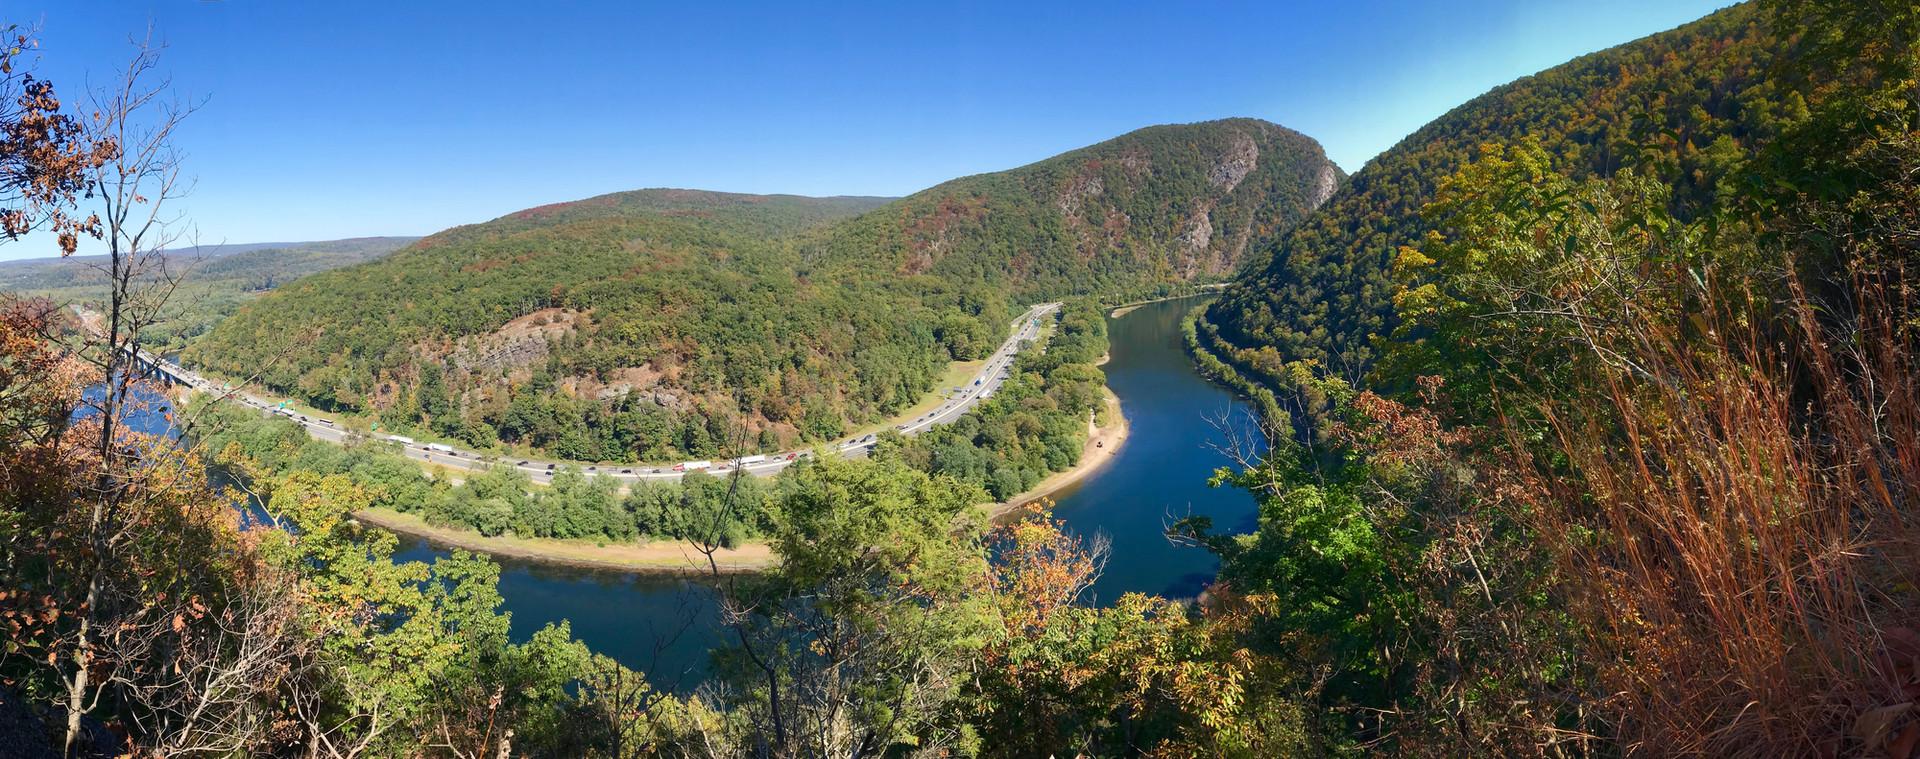 Mt Minsi, Delaware Water Gap, PA